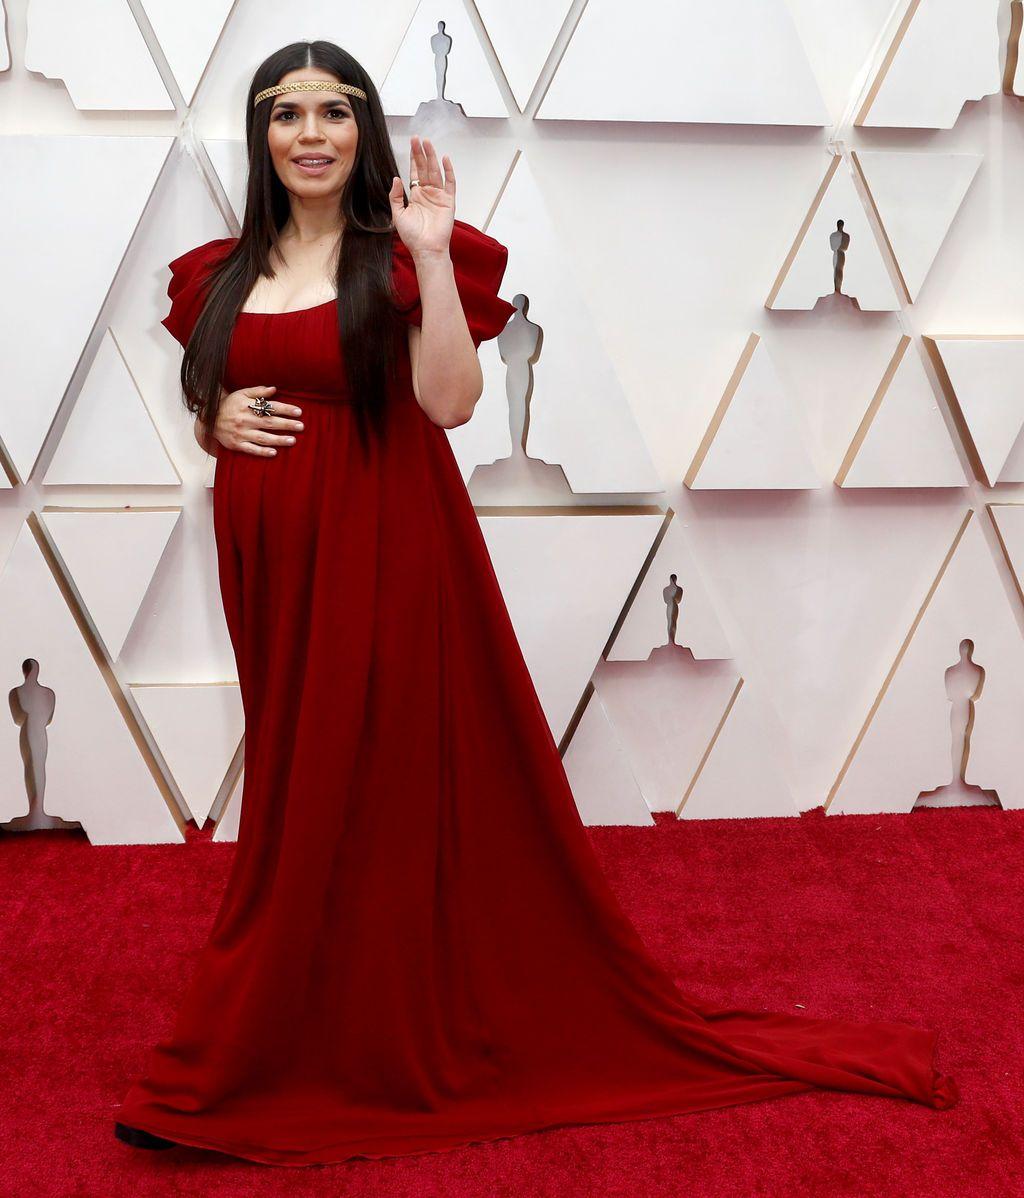 America Ferrera posa en la alfombra roja de los Premios Óscar 2020